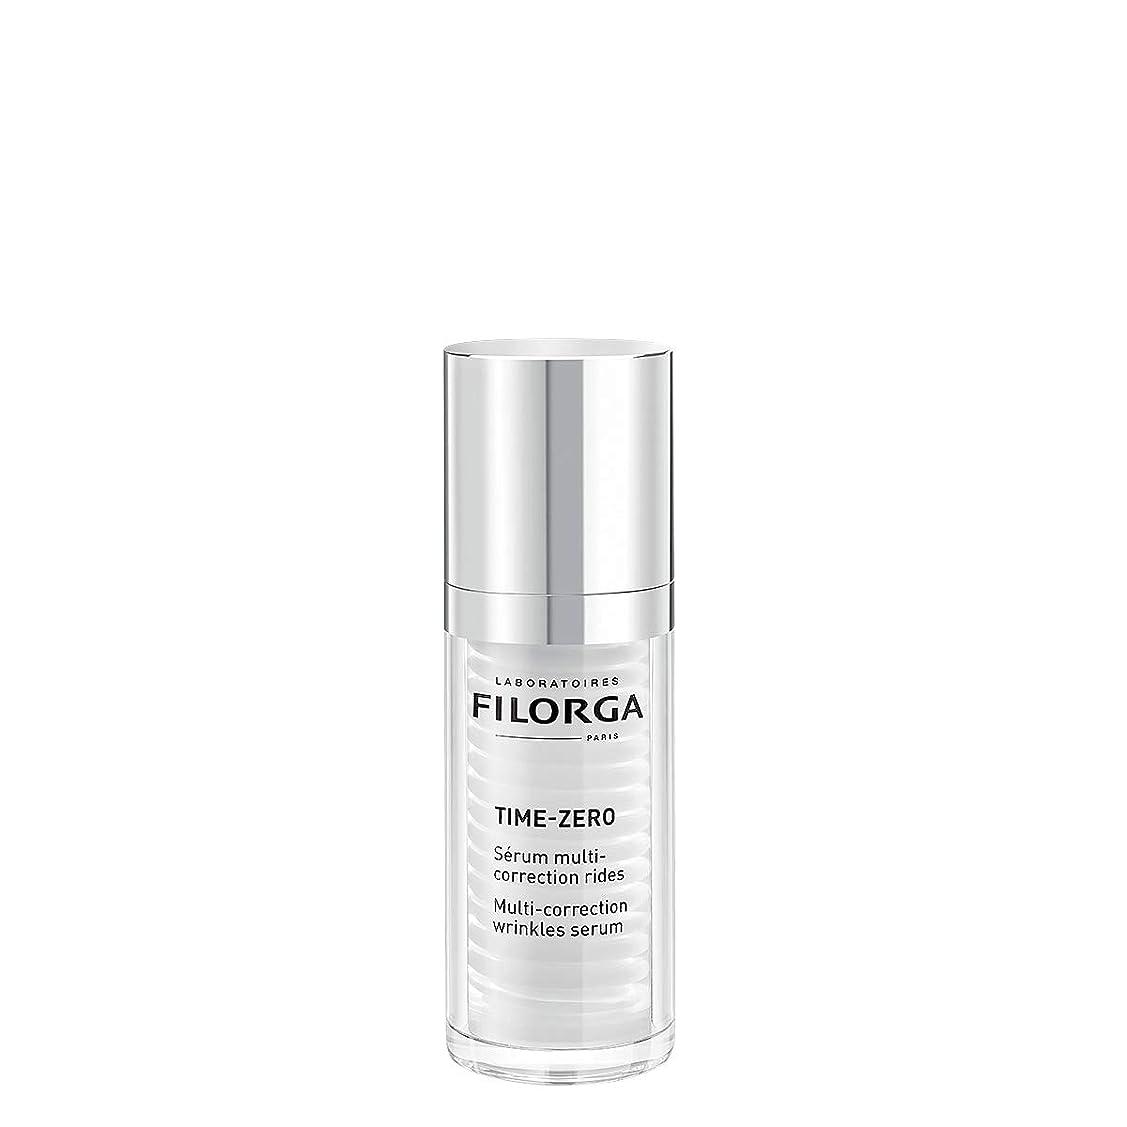 しっとり有効祖母Filorga Time-Zero Multi-Correction Wrinkles Serum 30ml